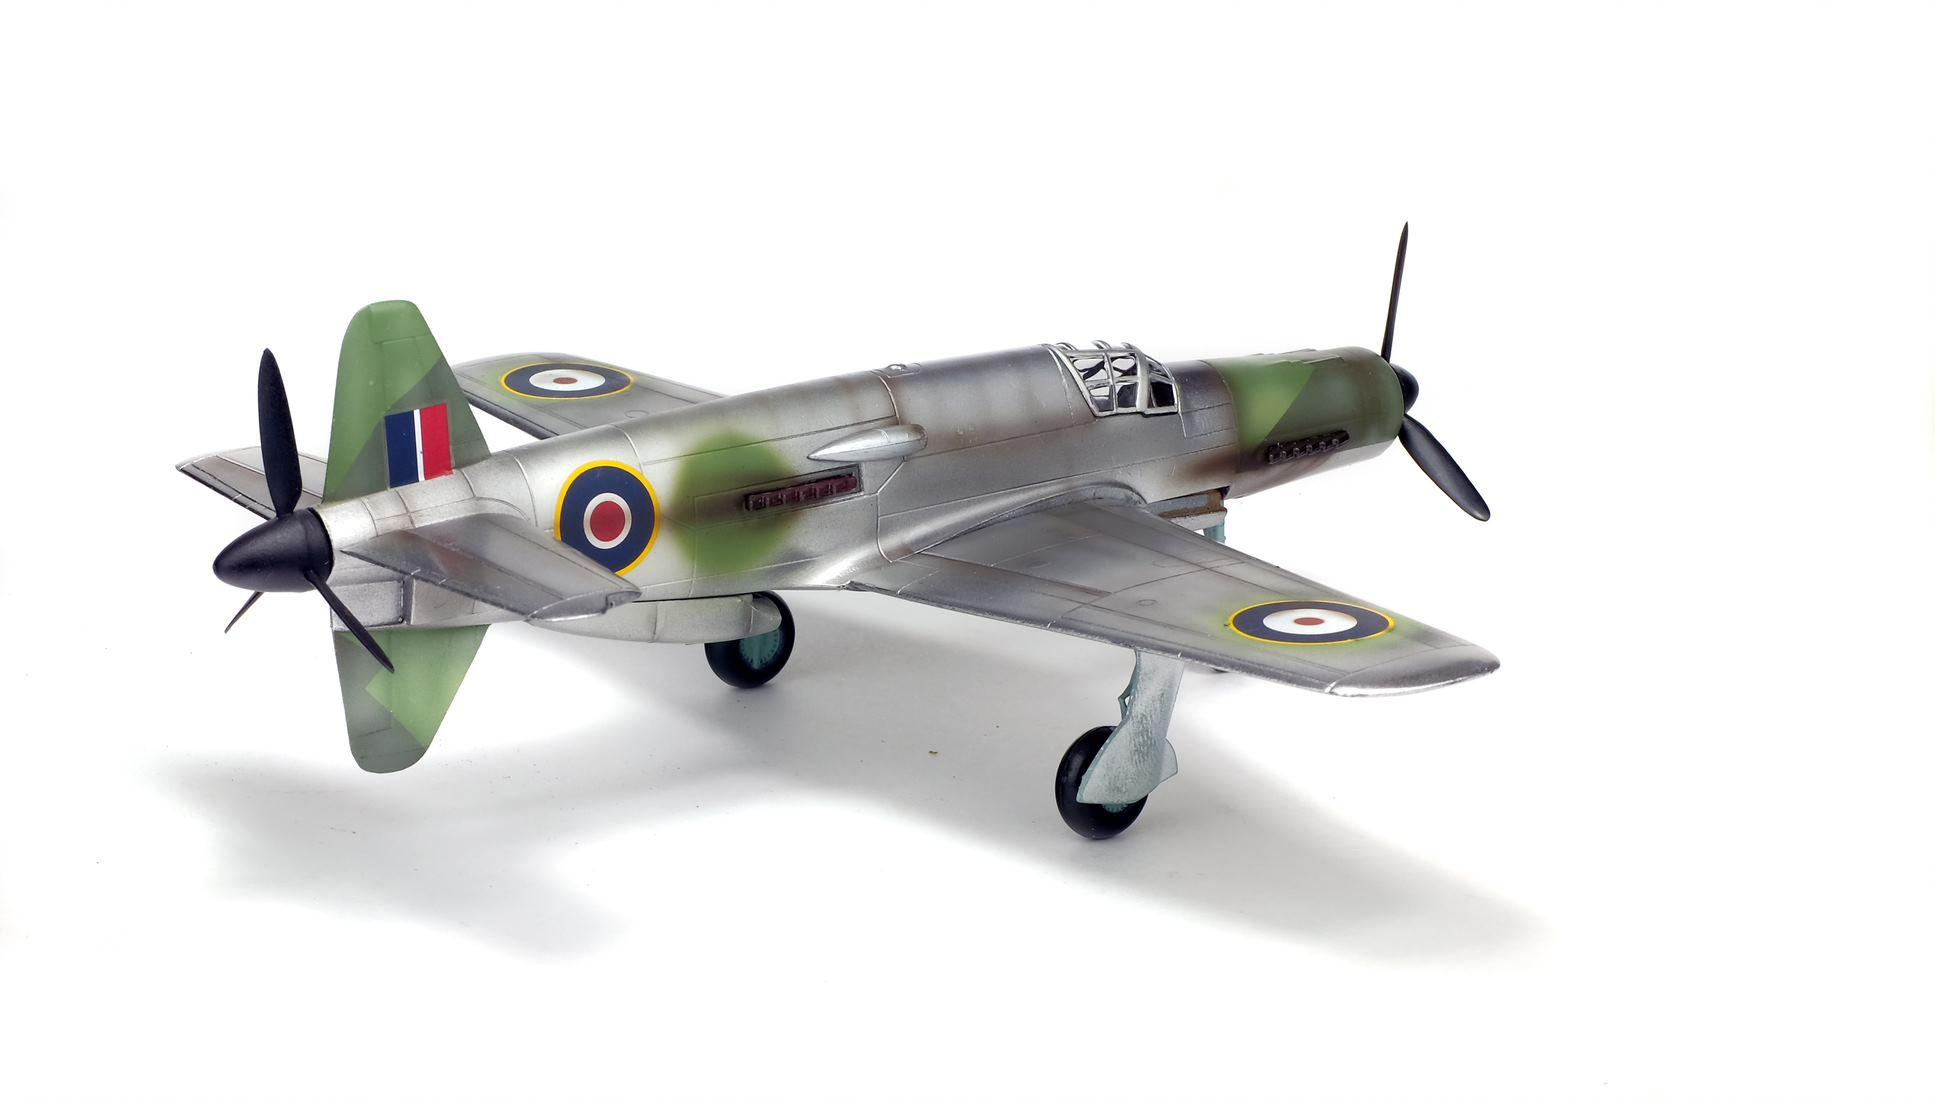 DORNIER PFEIL DO 335A-1 GERMANY 1945